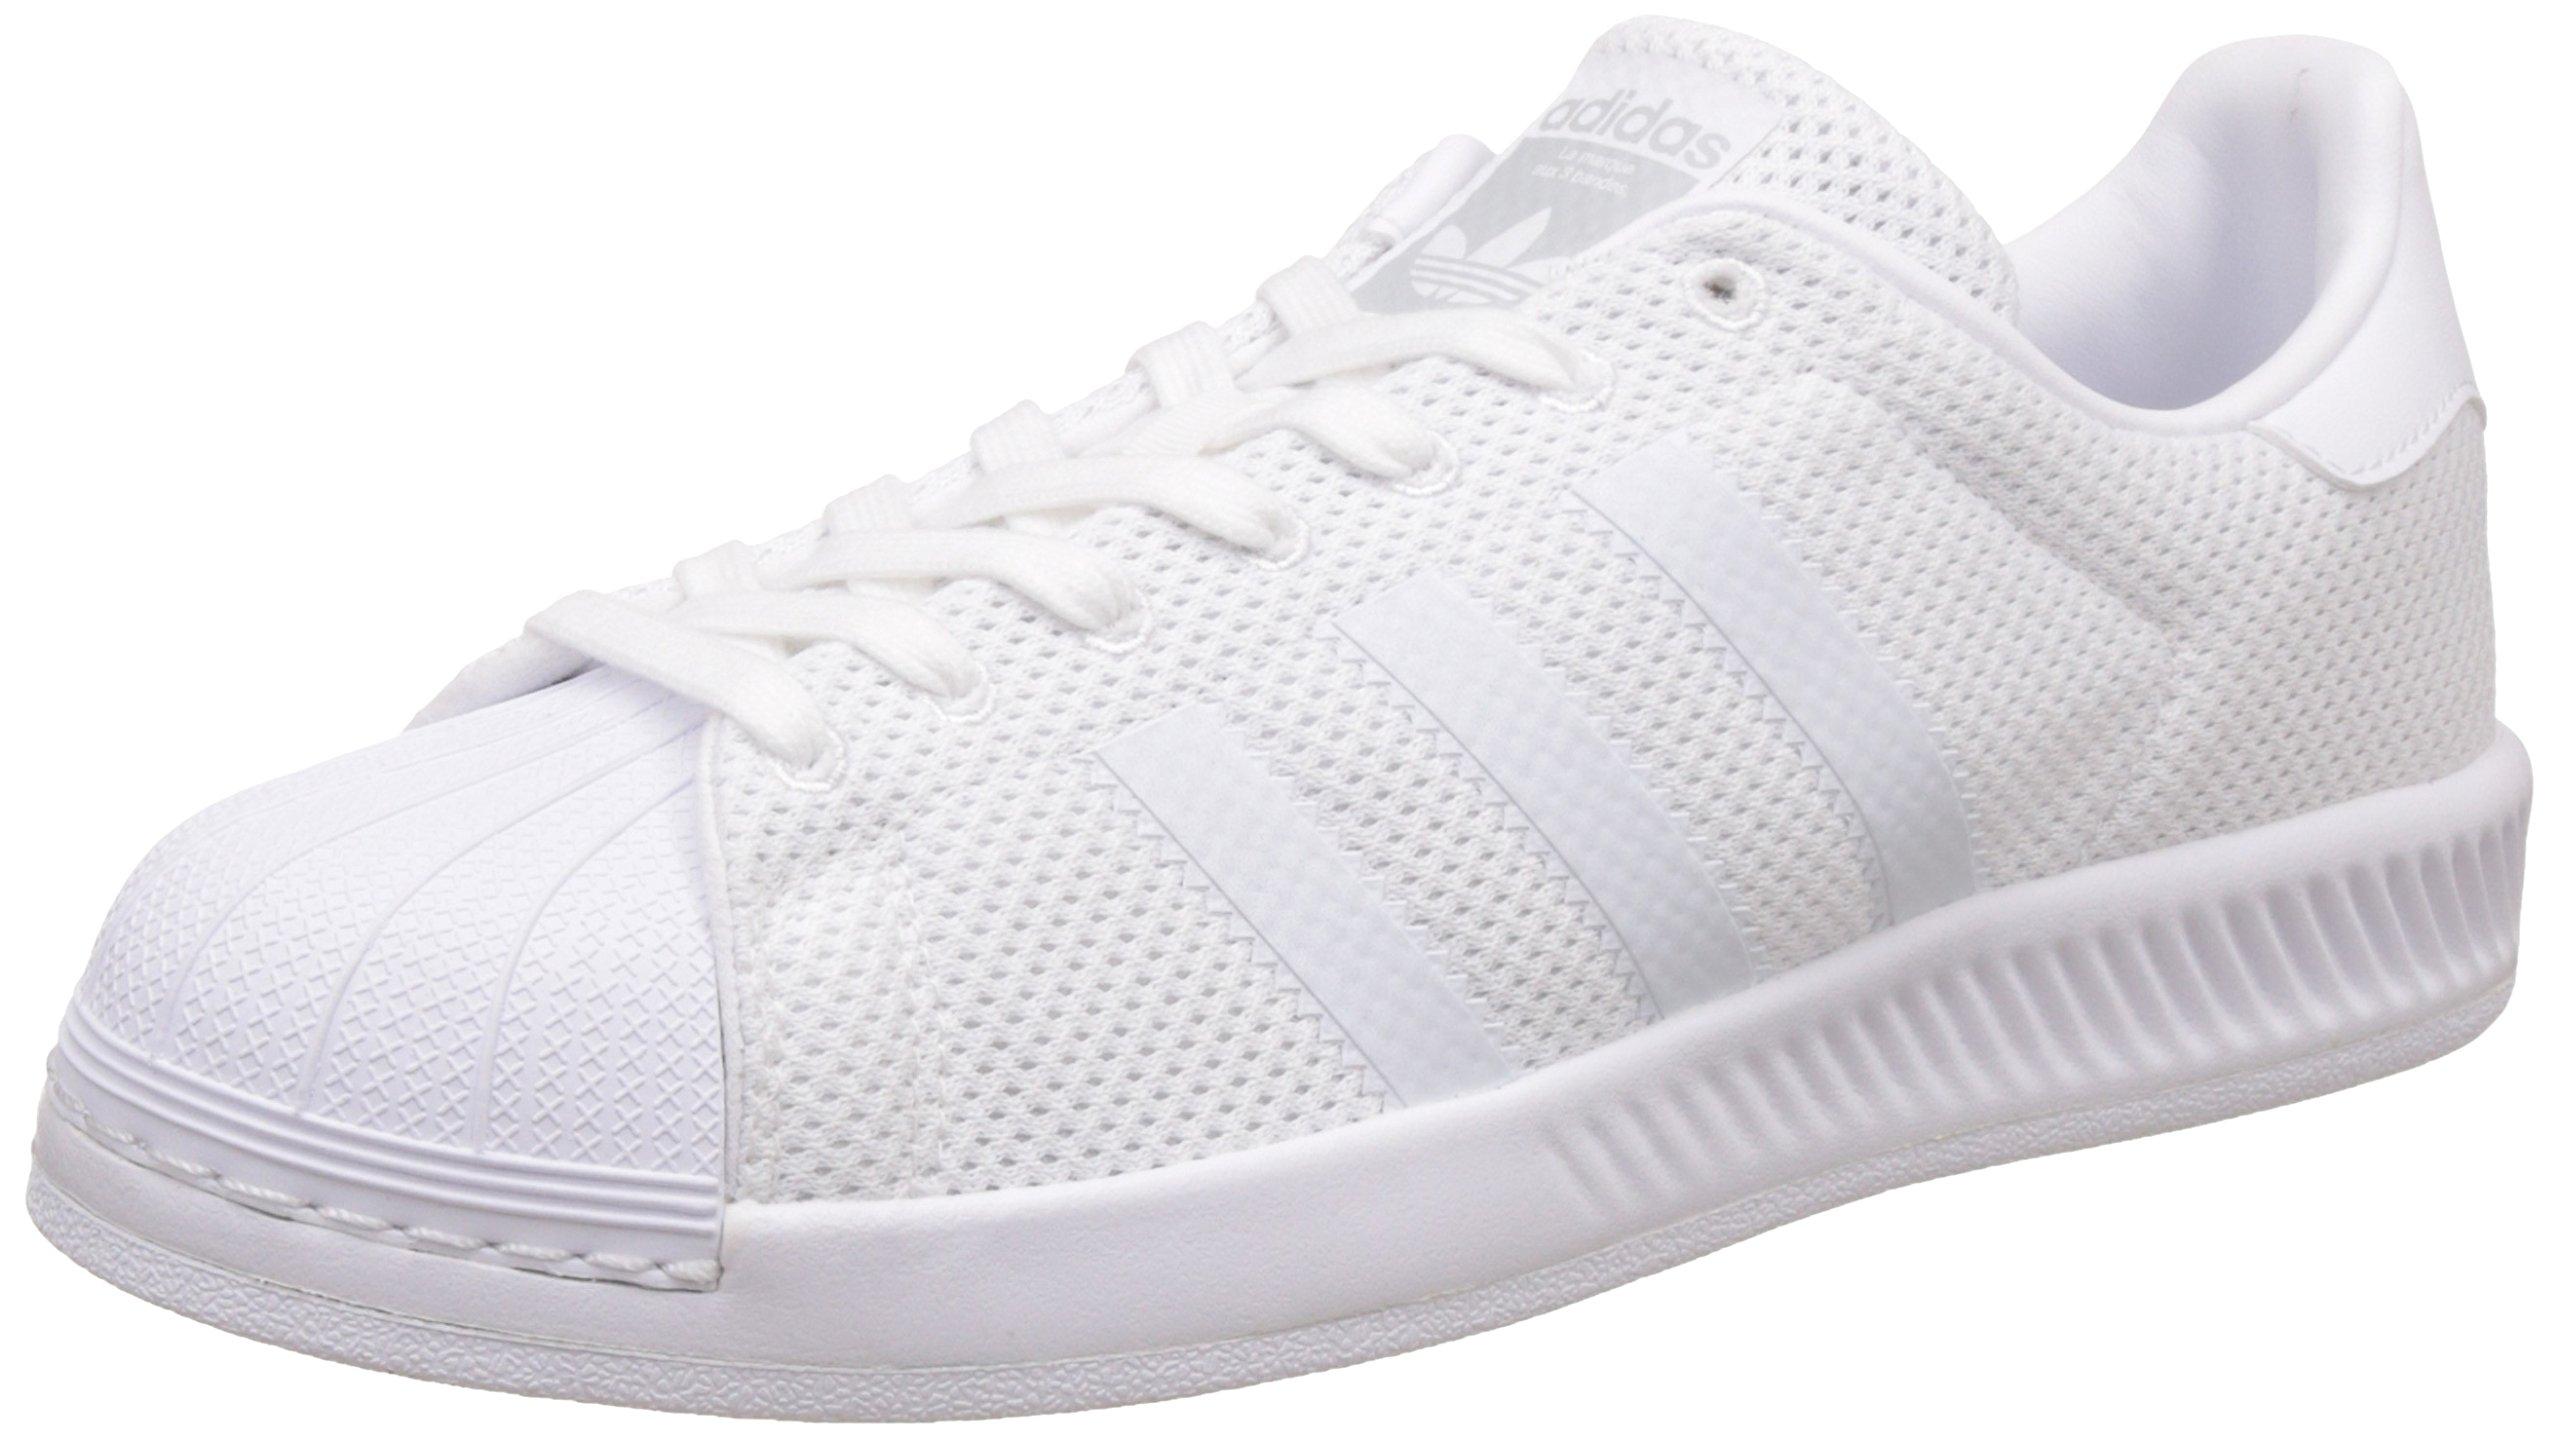 adidas weiße schuhe für menschen: kaufen adidas weiße schuhe für mann -